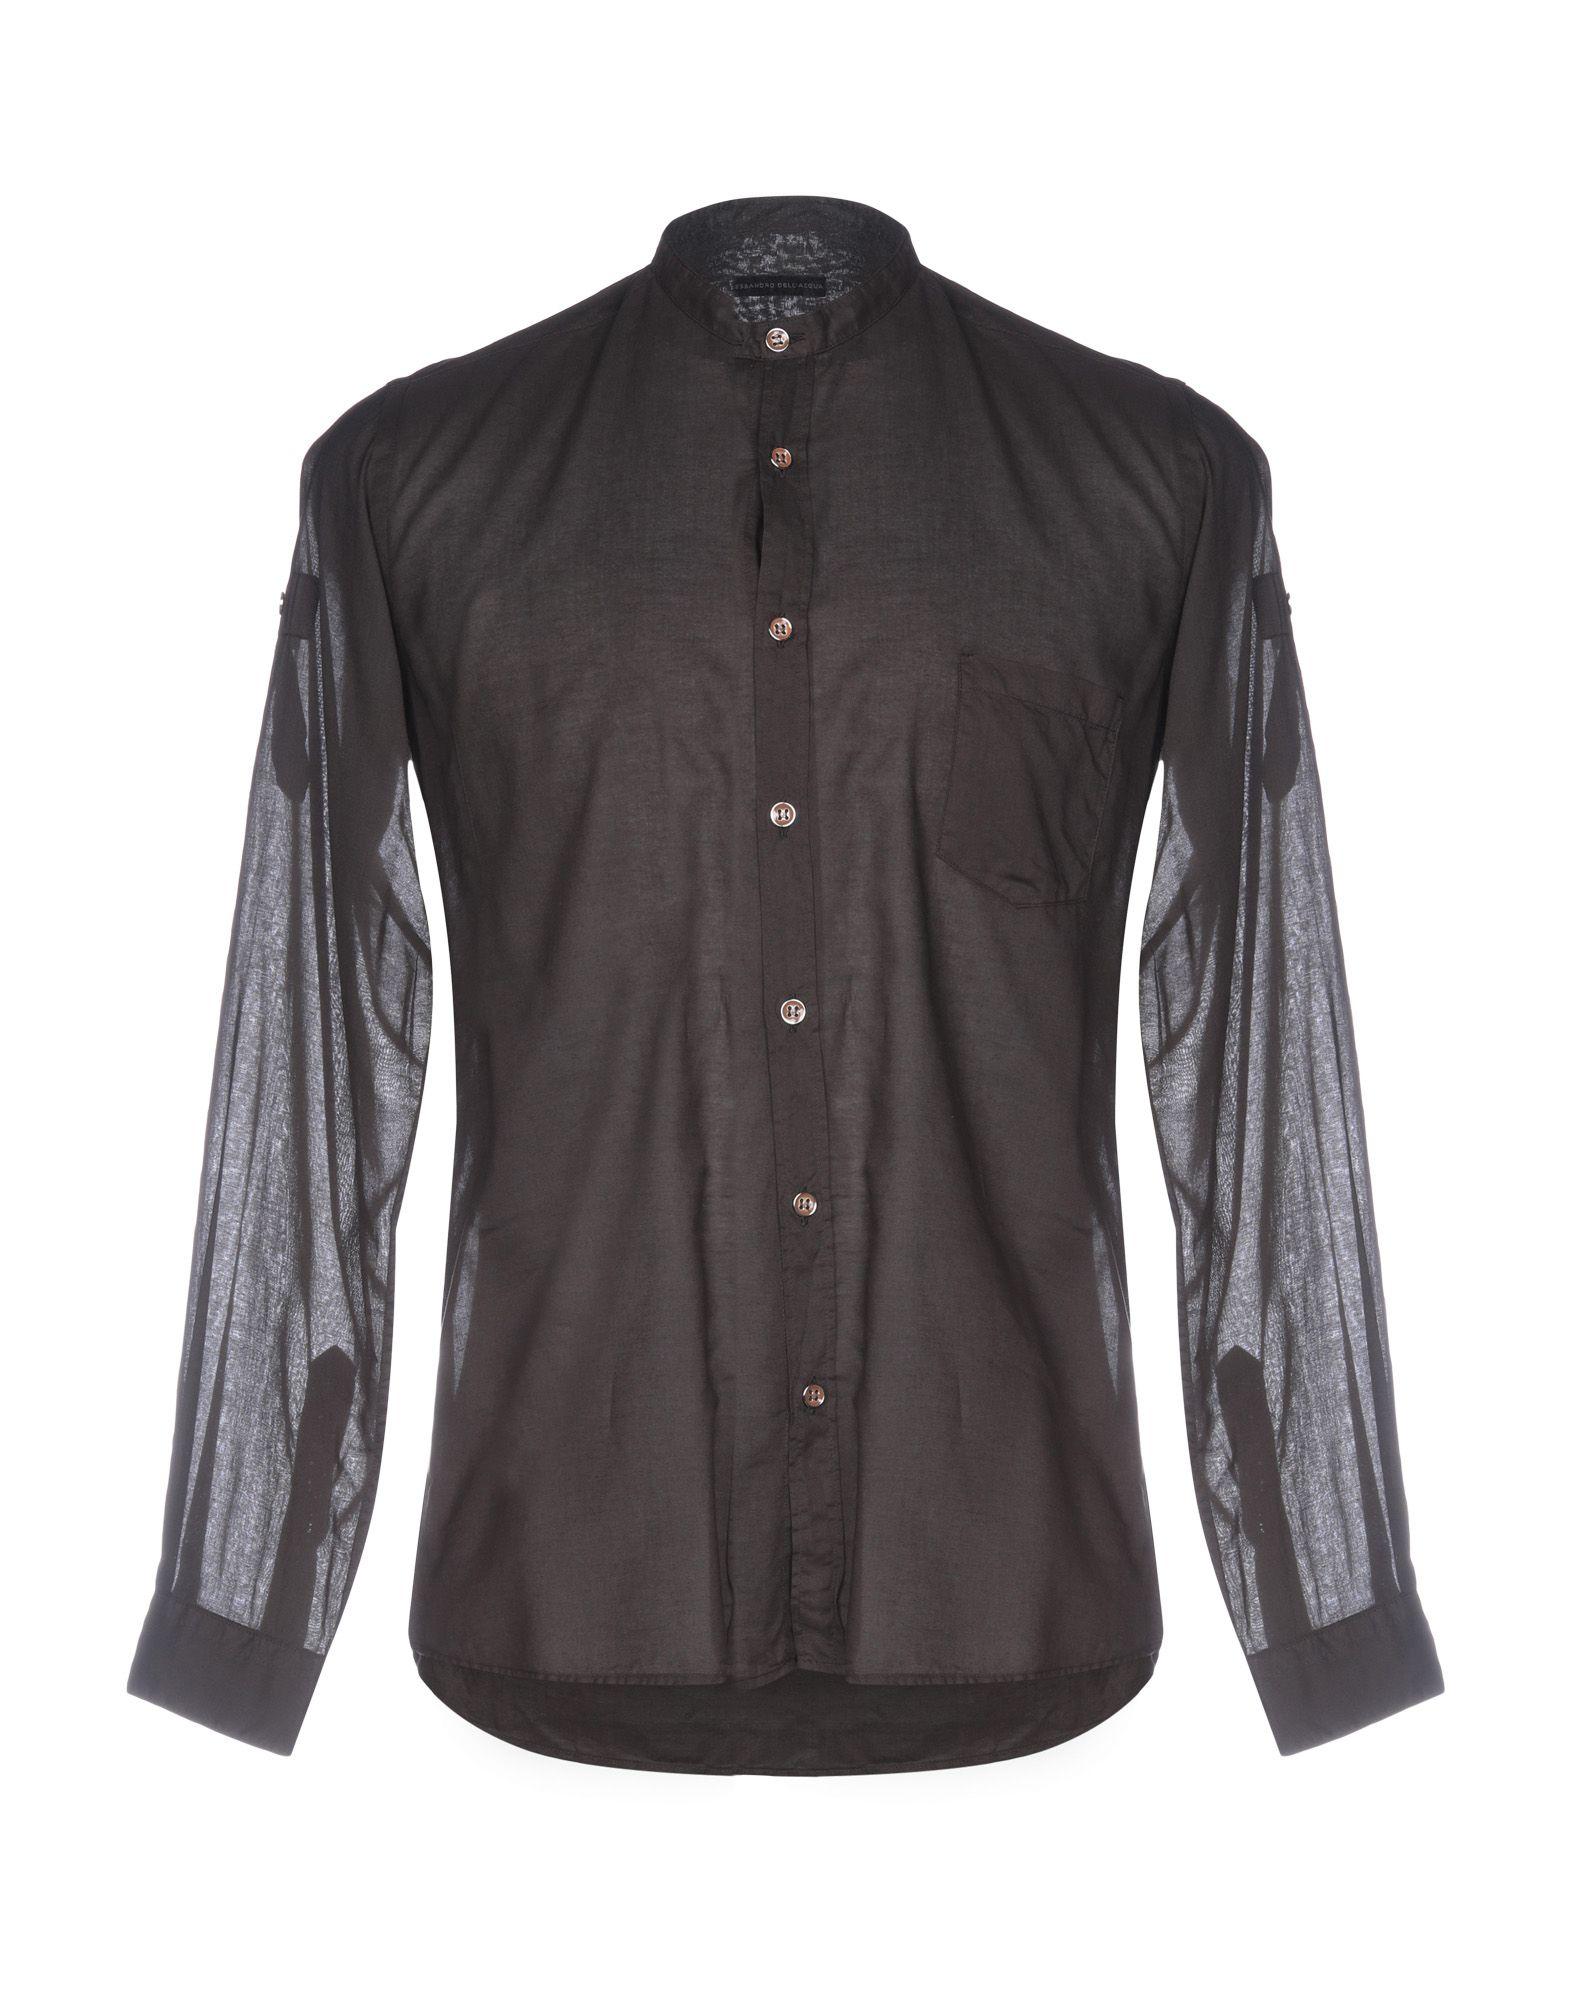 《送料無料》ALESSANDRO DELL'ACQUA メンズ シャツ ダークブラウン 39 コットン 100%